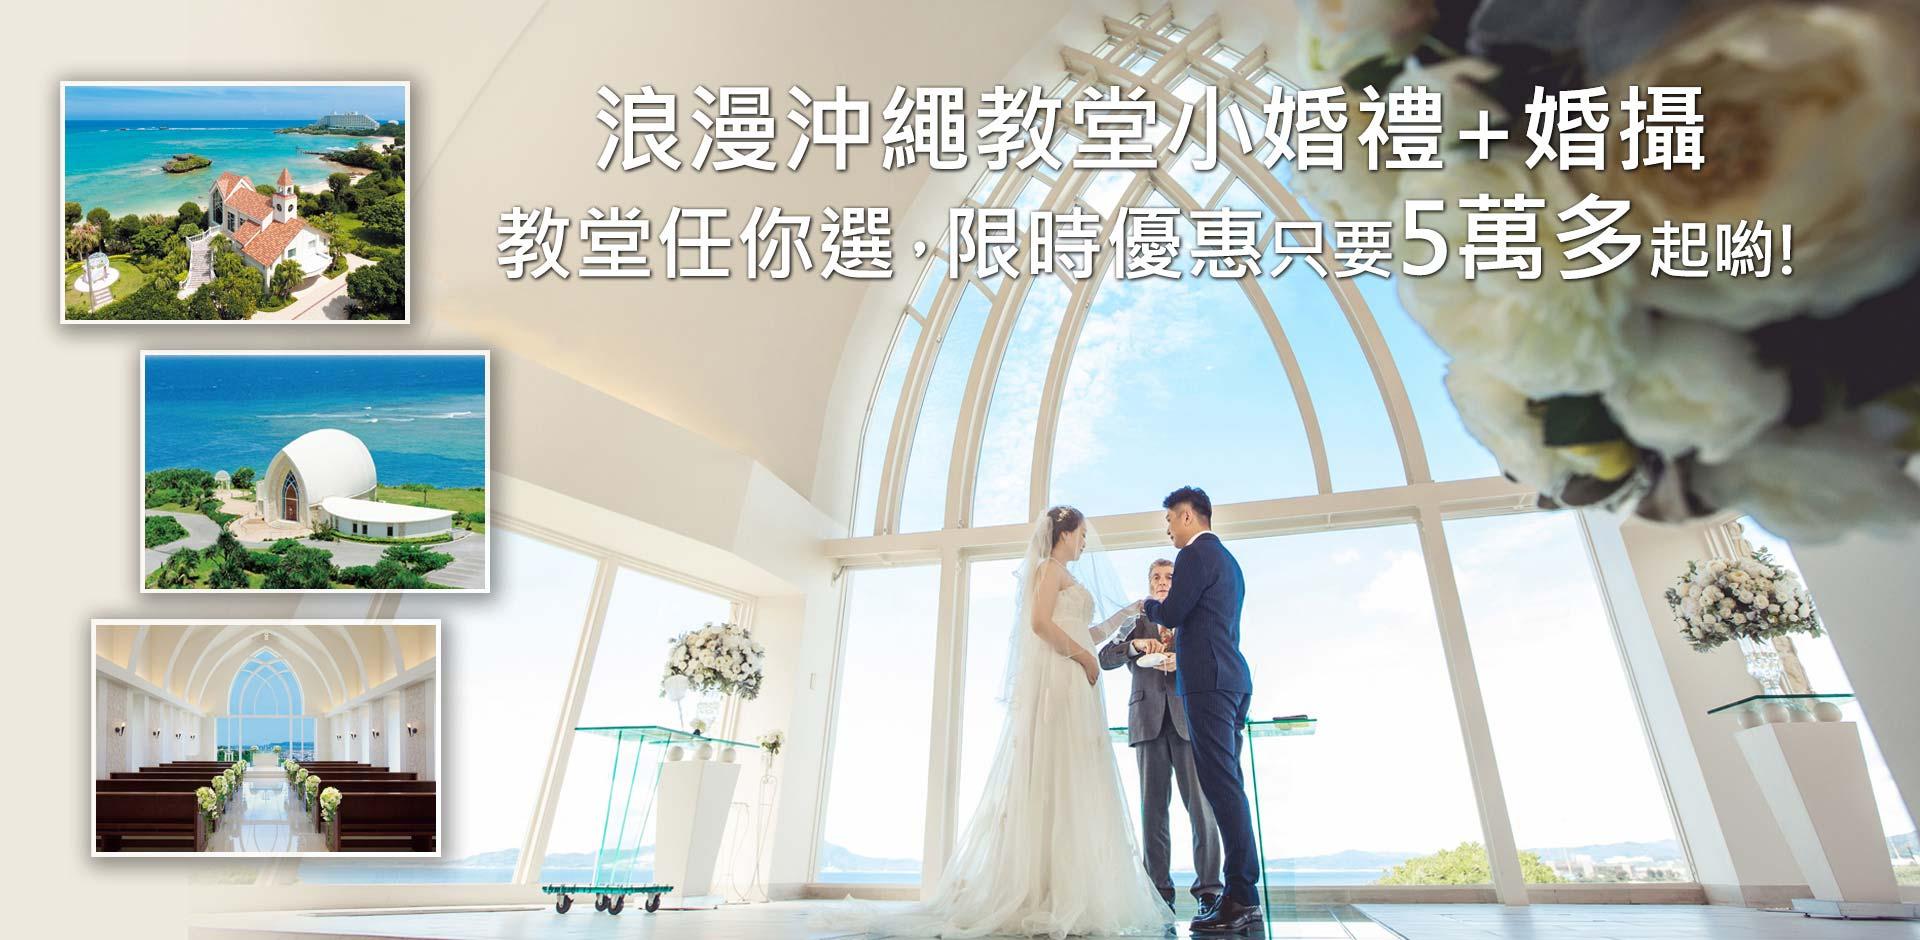 浪漫沖繩教堂小婚禮+婚攝,教堂任你選,限時優惠只要5萬多起喲!